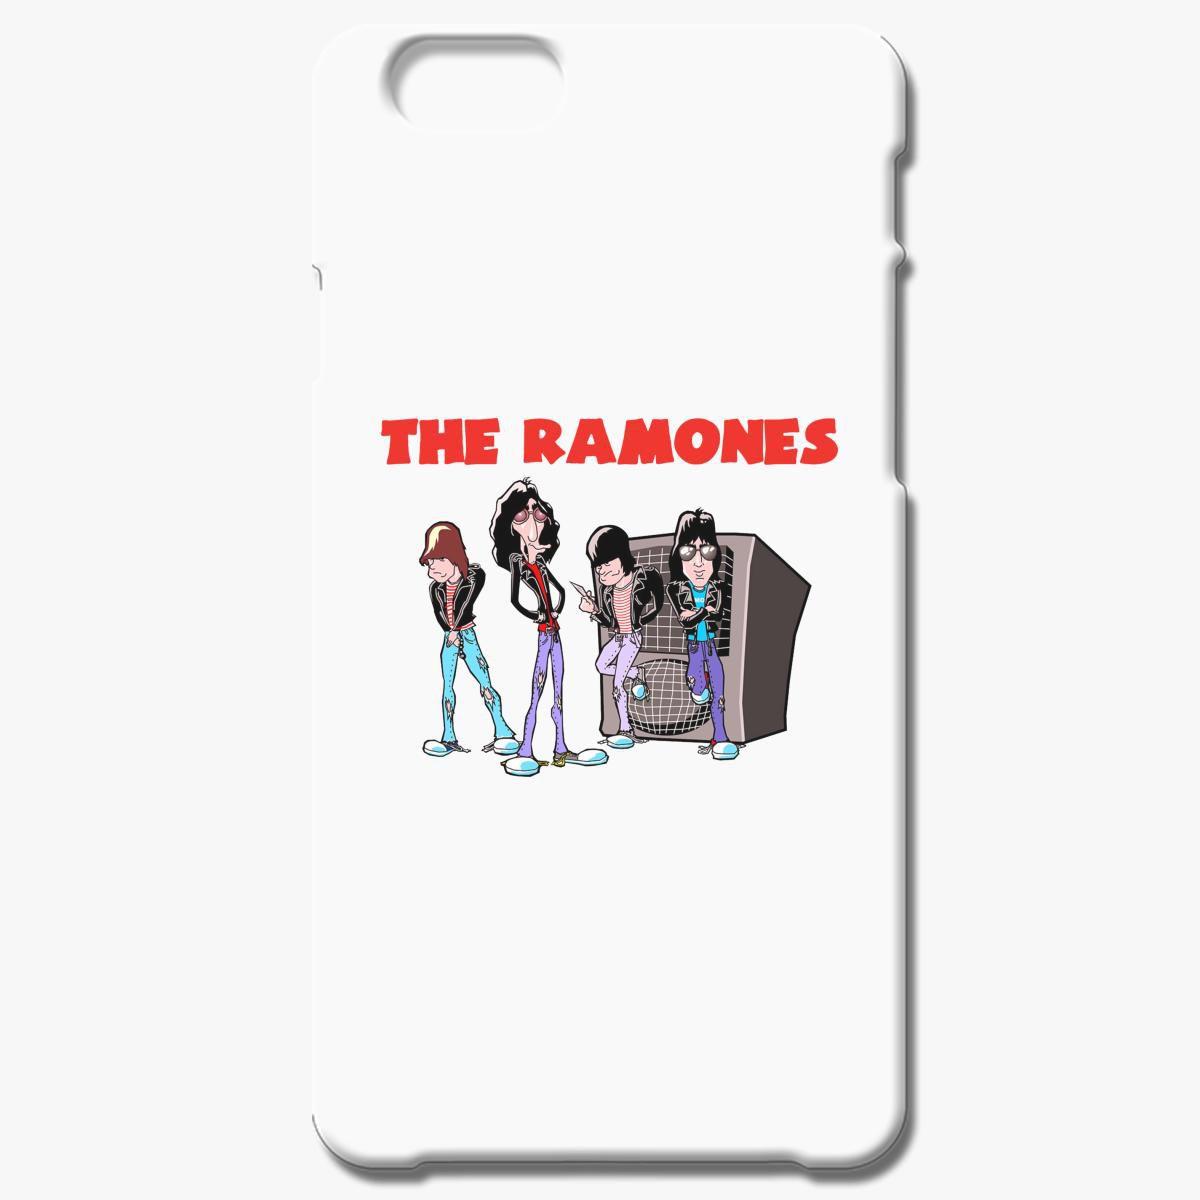 The Ramones Iphone 6 6s Case